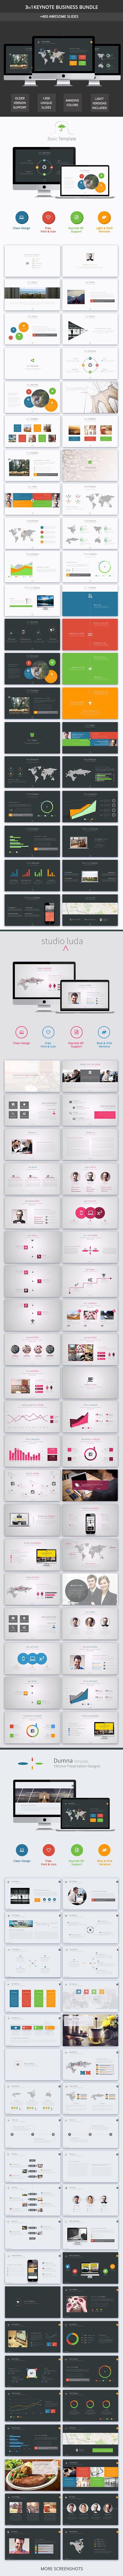 Business 3in1 Keynote Bundle Template #slides #presentation Download: http://graphicriver.net/item/business-3in1-keynote-bundle/11122846?ref=ksioks